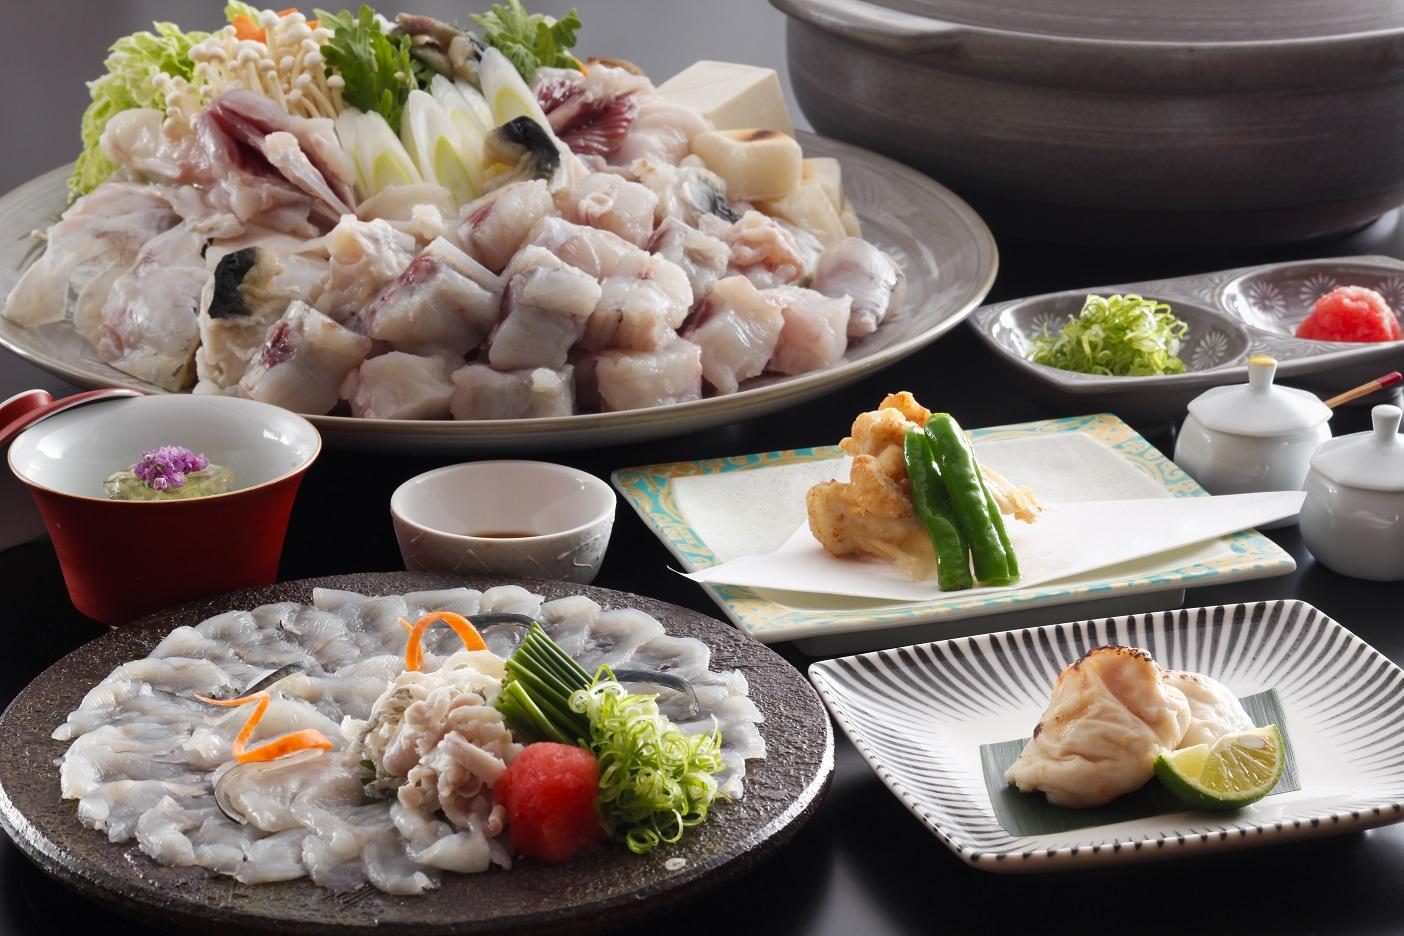 淡路島3年とらふぐのお料理